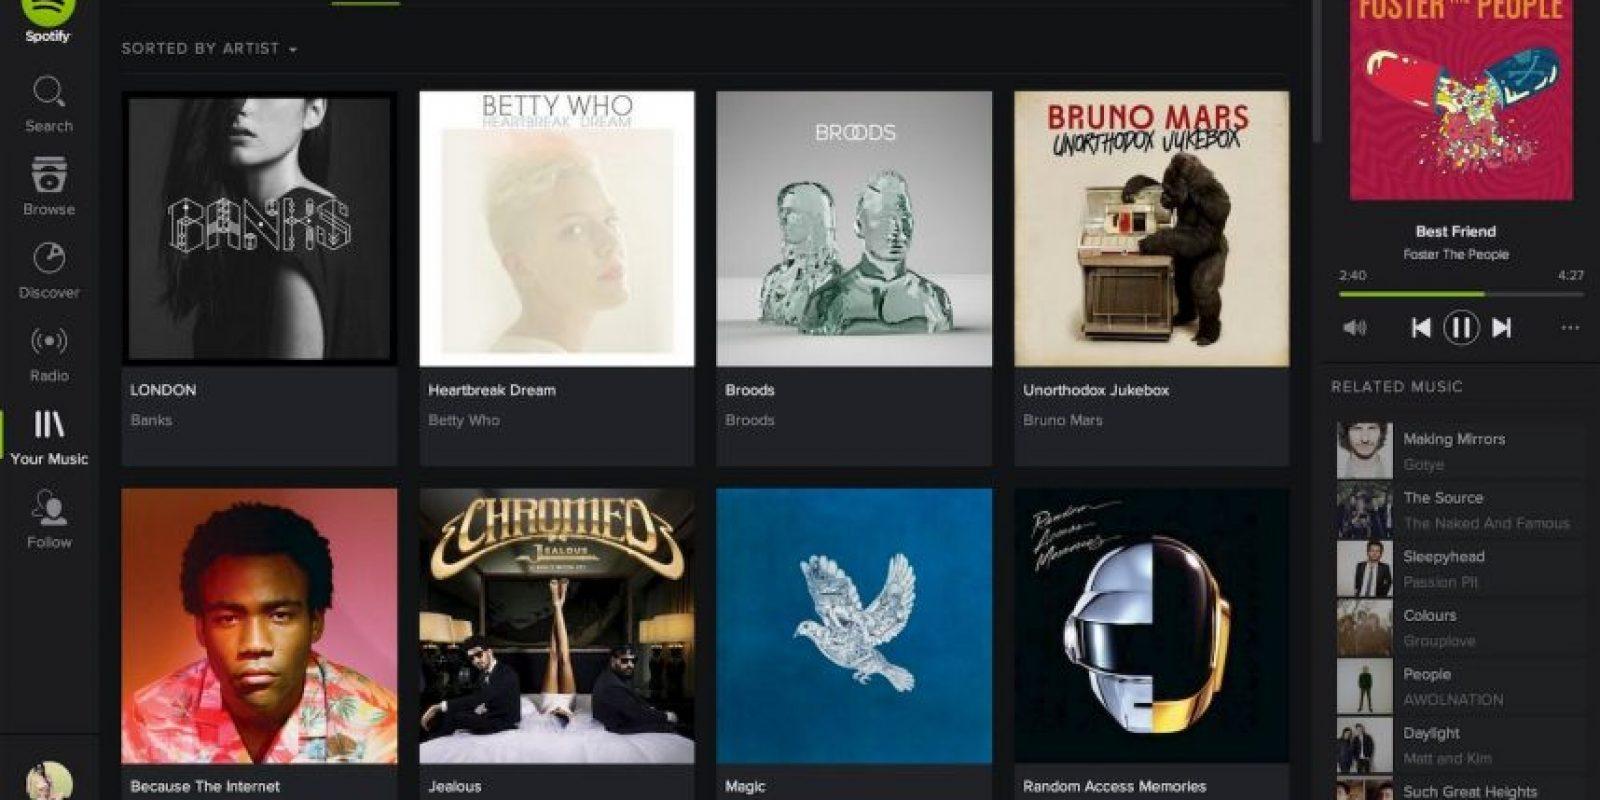 Tiene más de mil 500 millones de playlist. Foto:Spotify